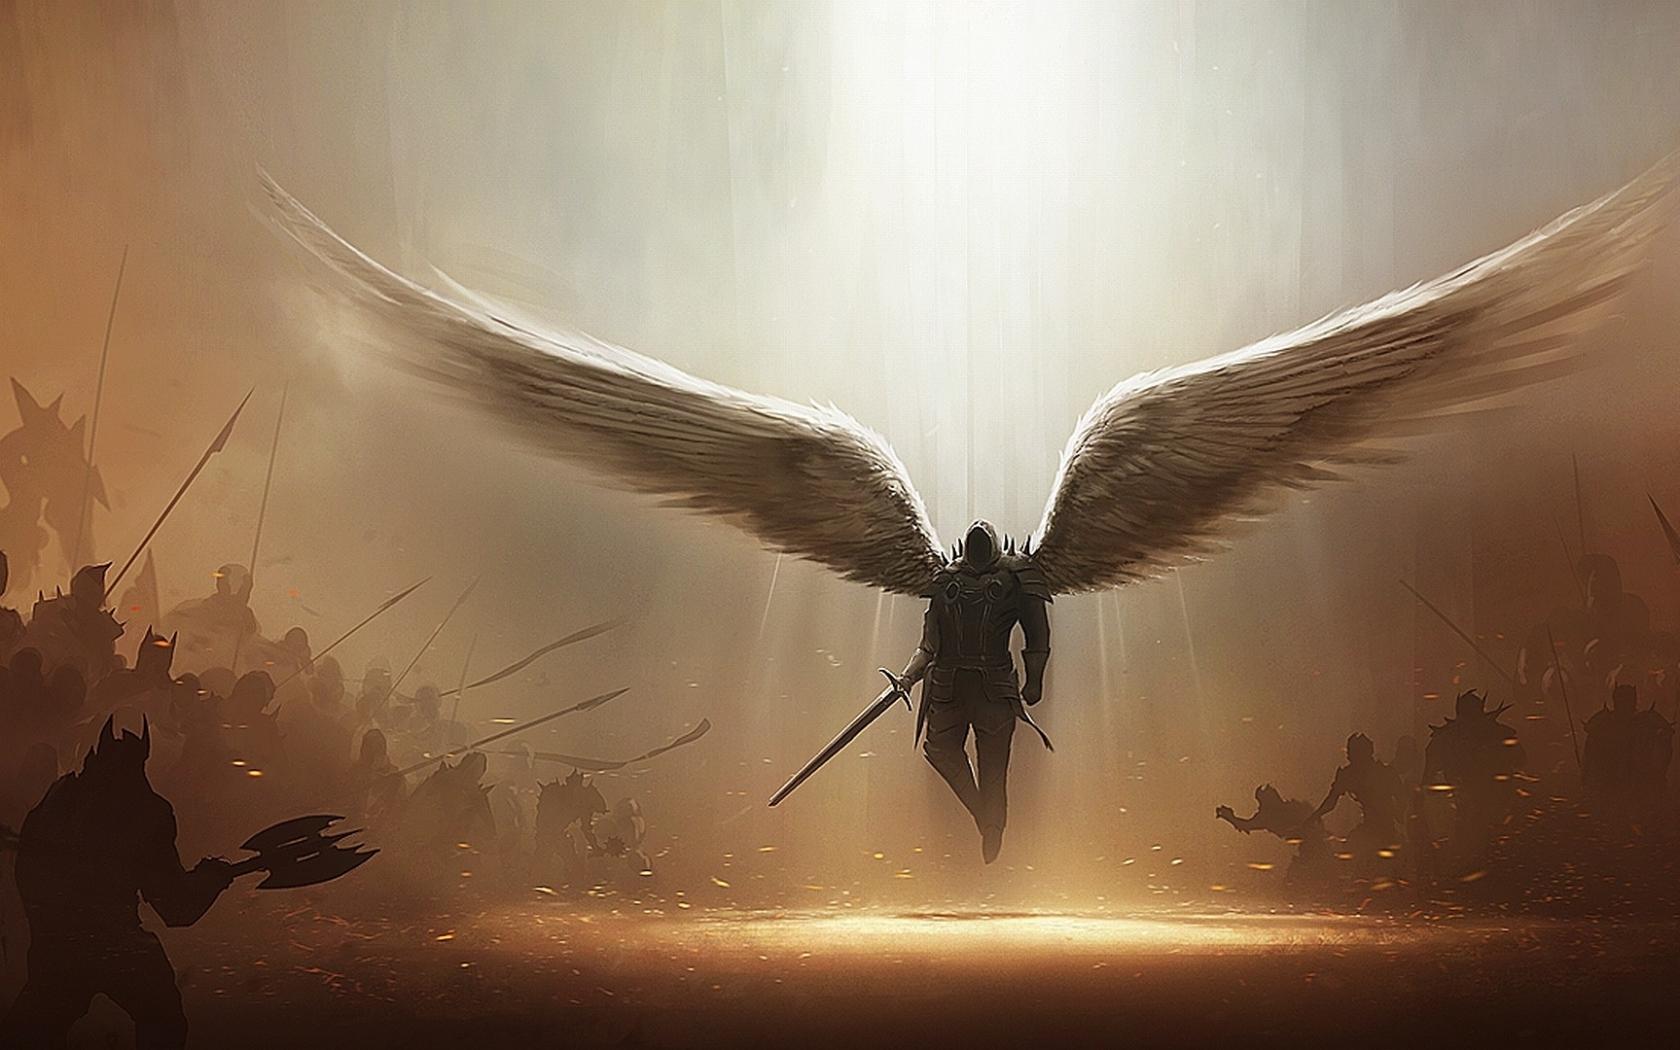 Télécharger Fonds d'écran, télécharger 1680x1050 ailes d'origine armes diablo légende armure Tyrael Diablo III oeuvre guerriers archange épées 19 Fond d'écran Télécharger Fonds d'écran gratuits-